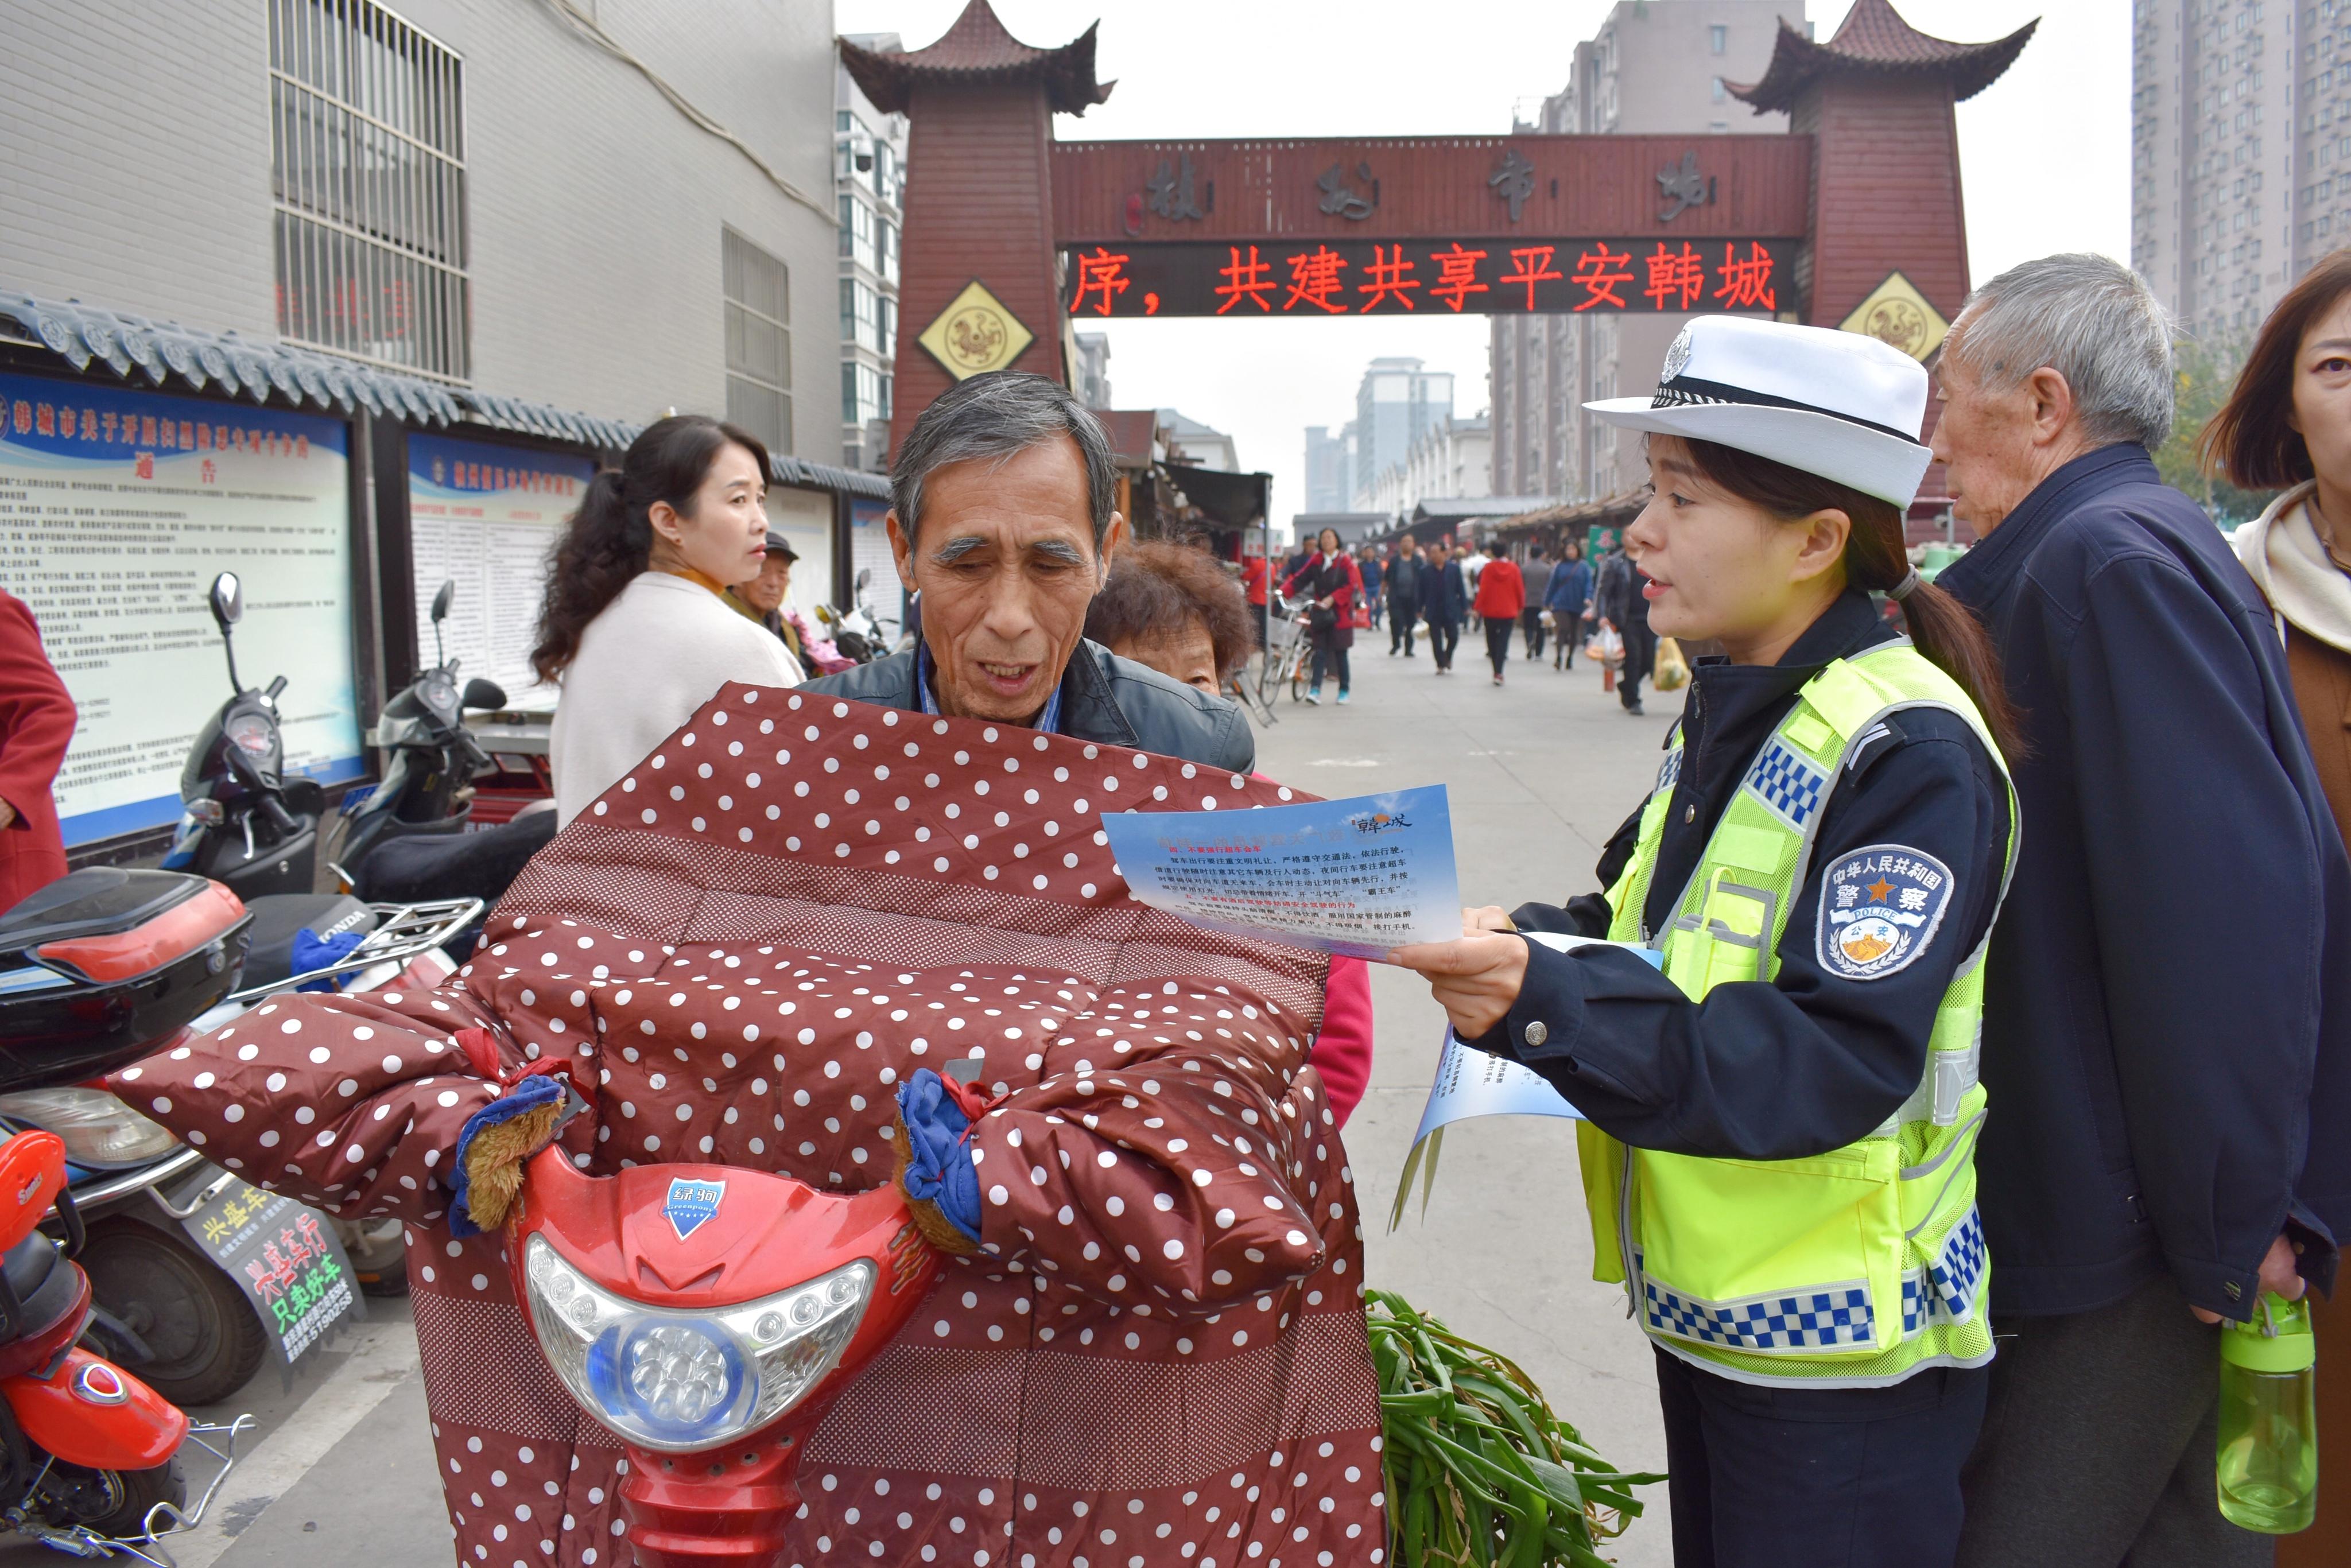 韩城交警大队开展冬季交通安全宣传预防事故保平安